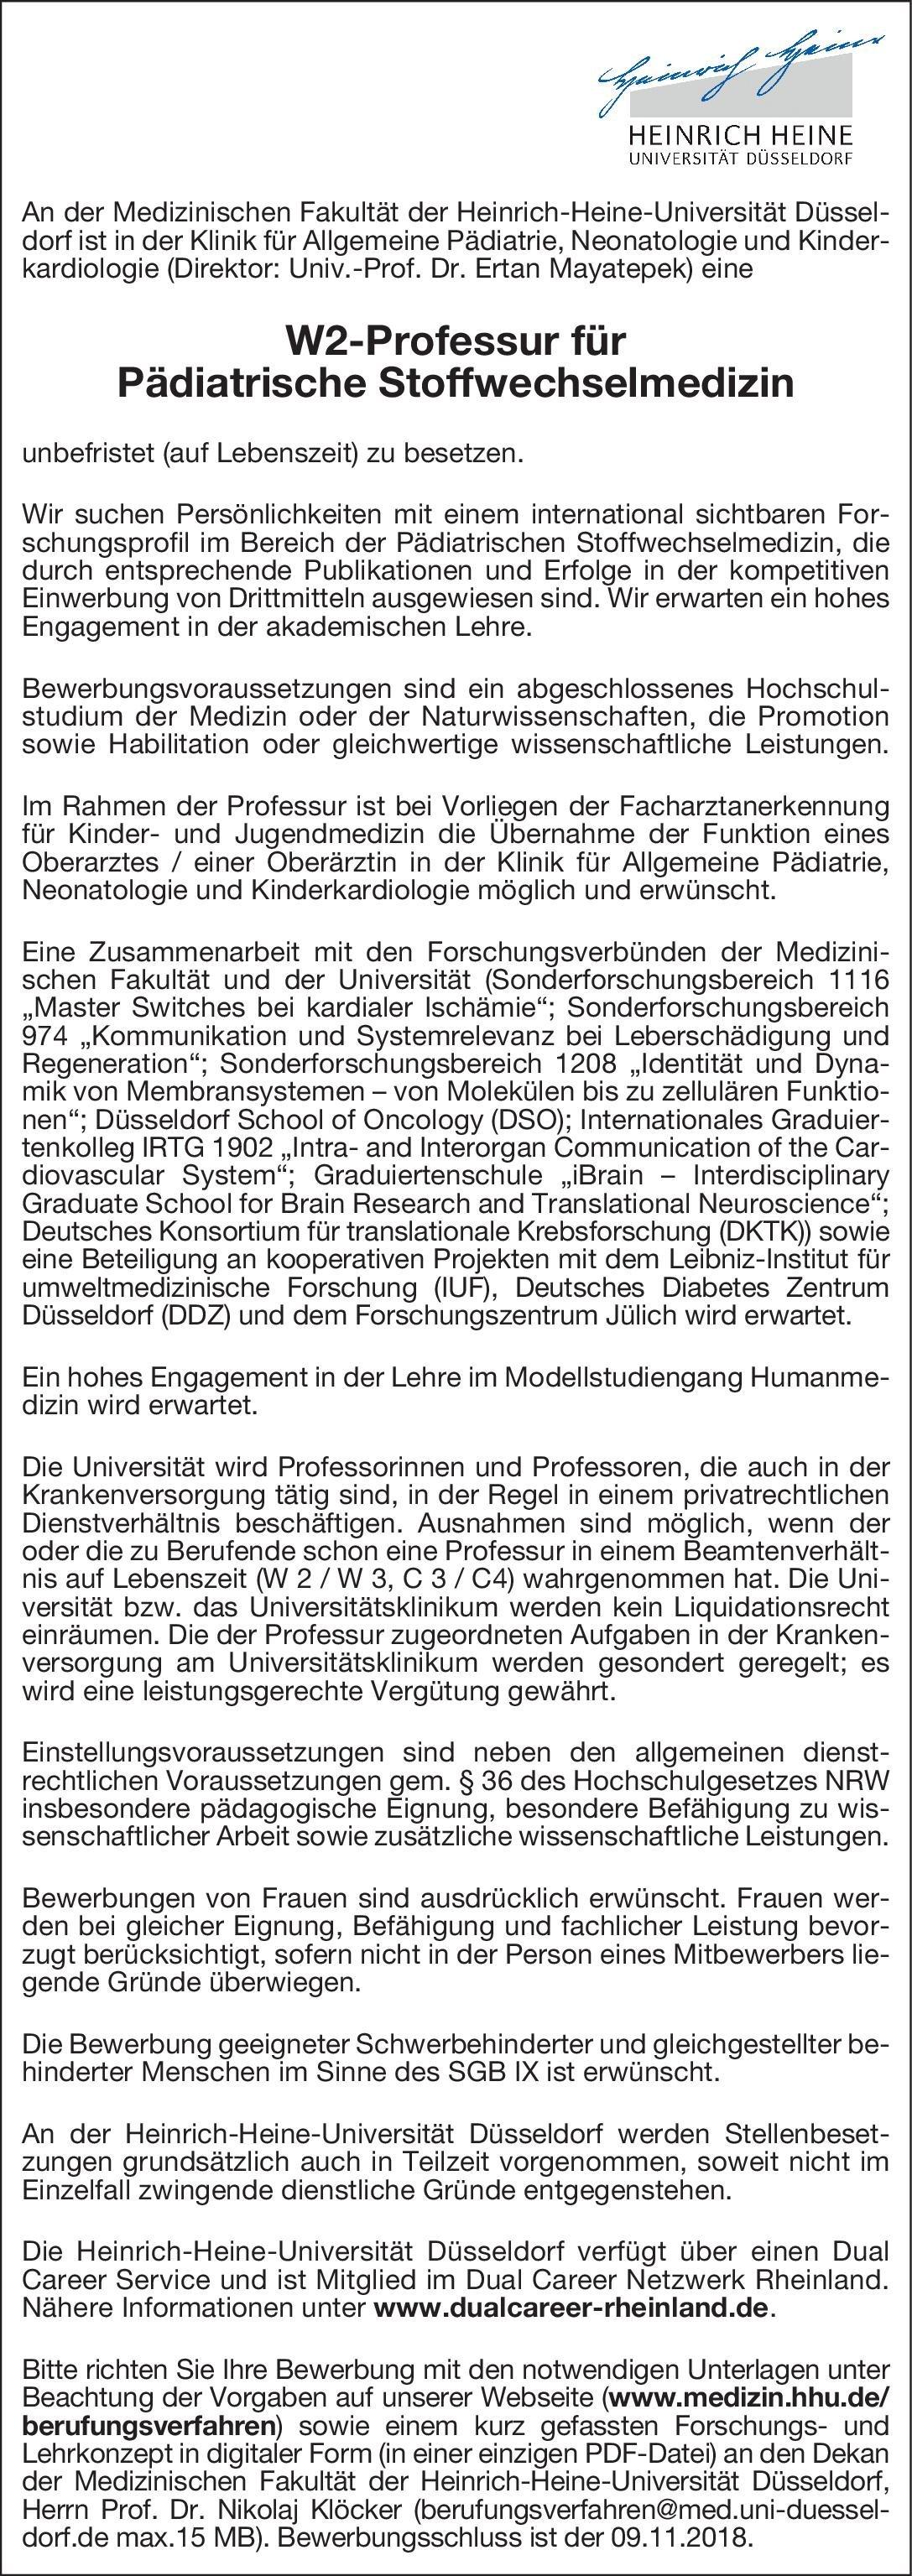 heinrich heine universitt dsseldorf w2 professur fr pdiatrische stoffwechselmedizin kinder und jugendmedizin - Dusseldorf Uni Bewerbung